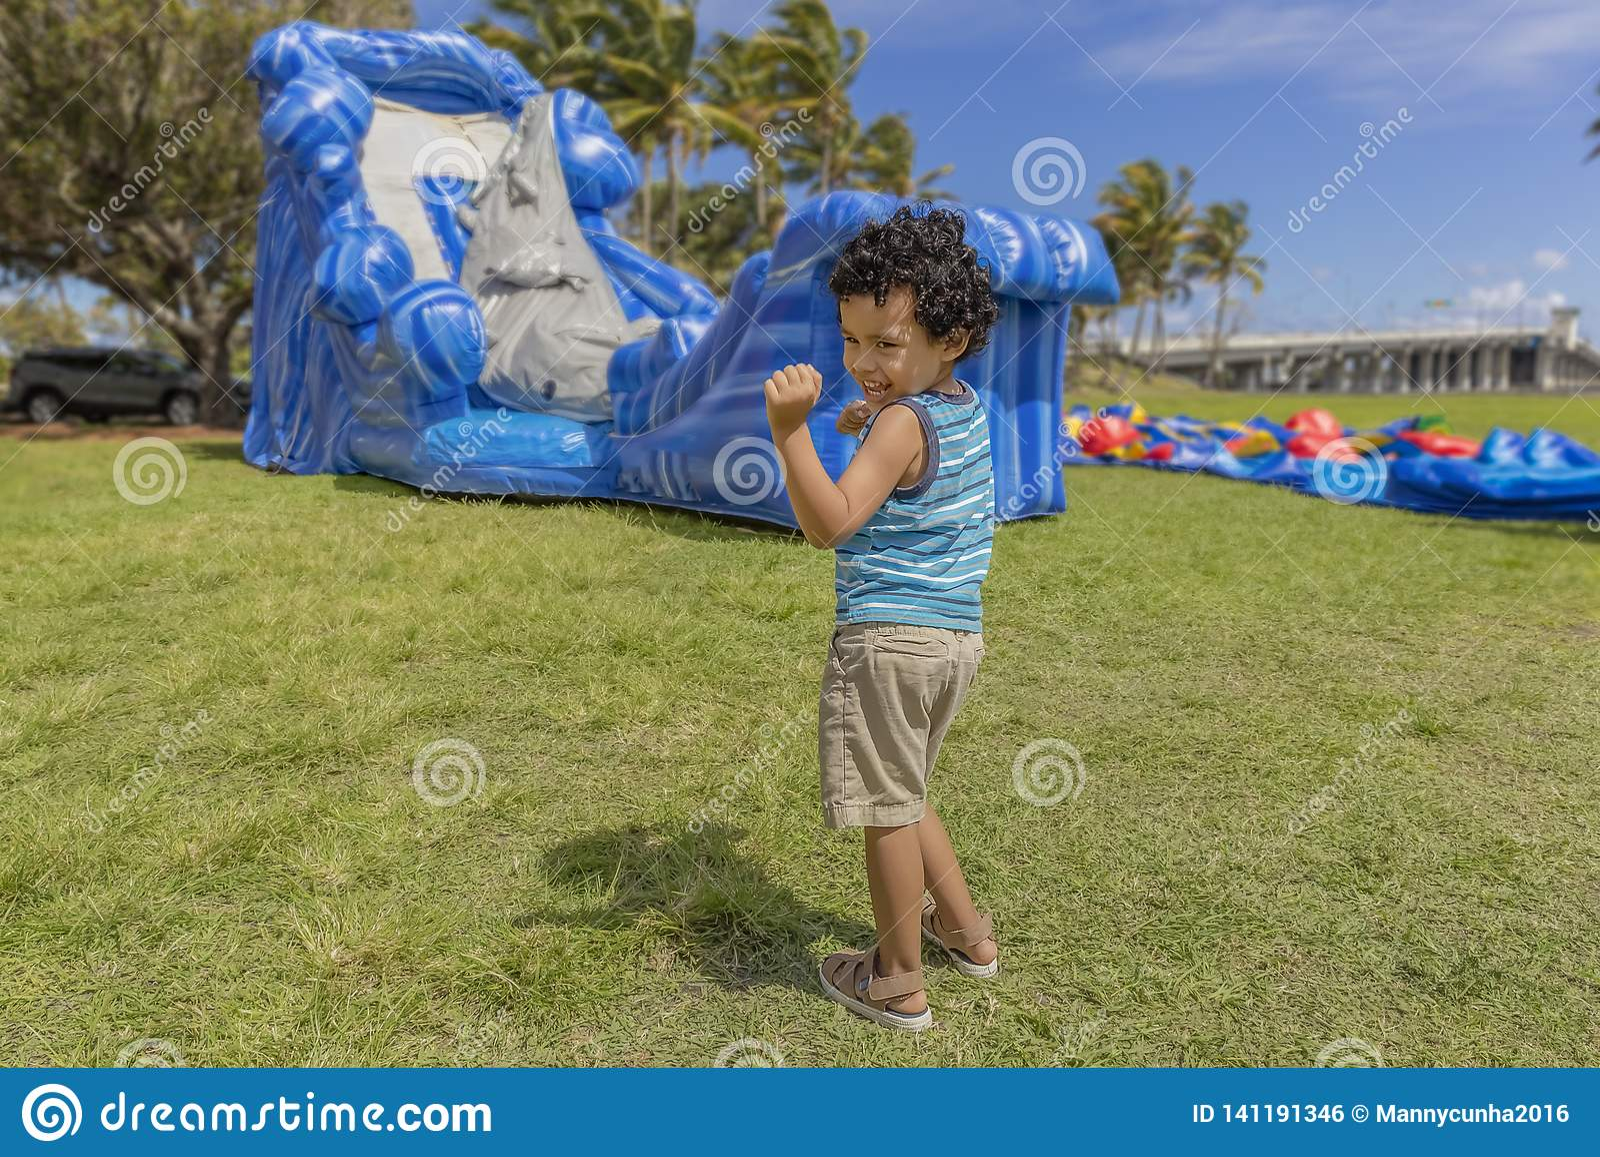 Малыш делает его счастливый танец пока наблюдающ, как дом прыжка надул